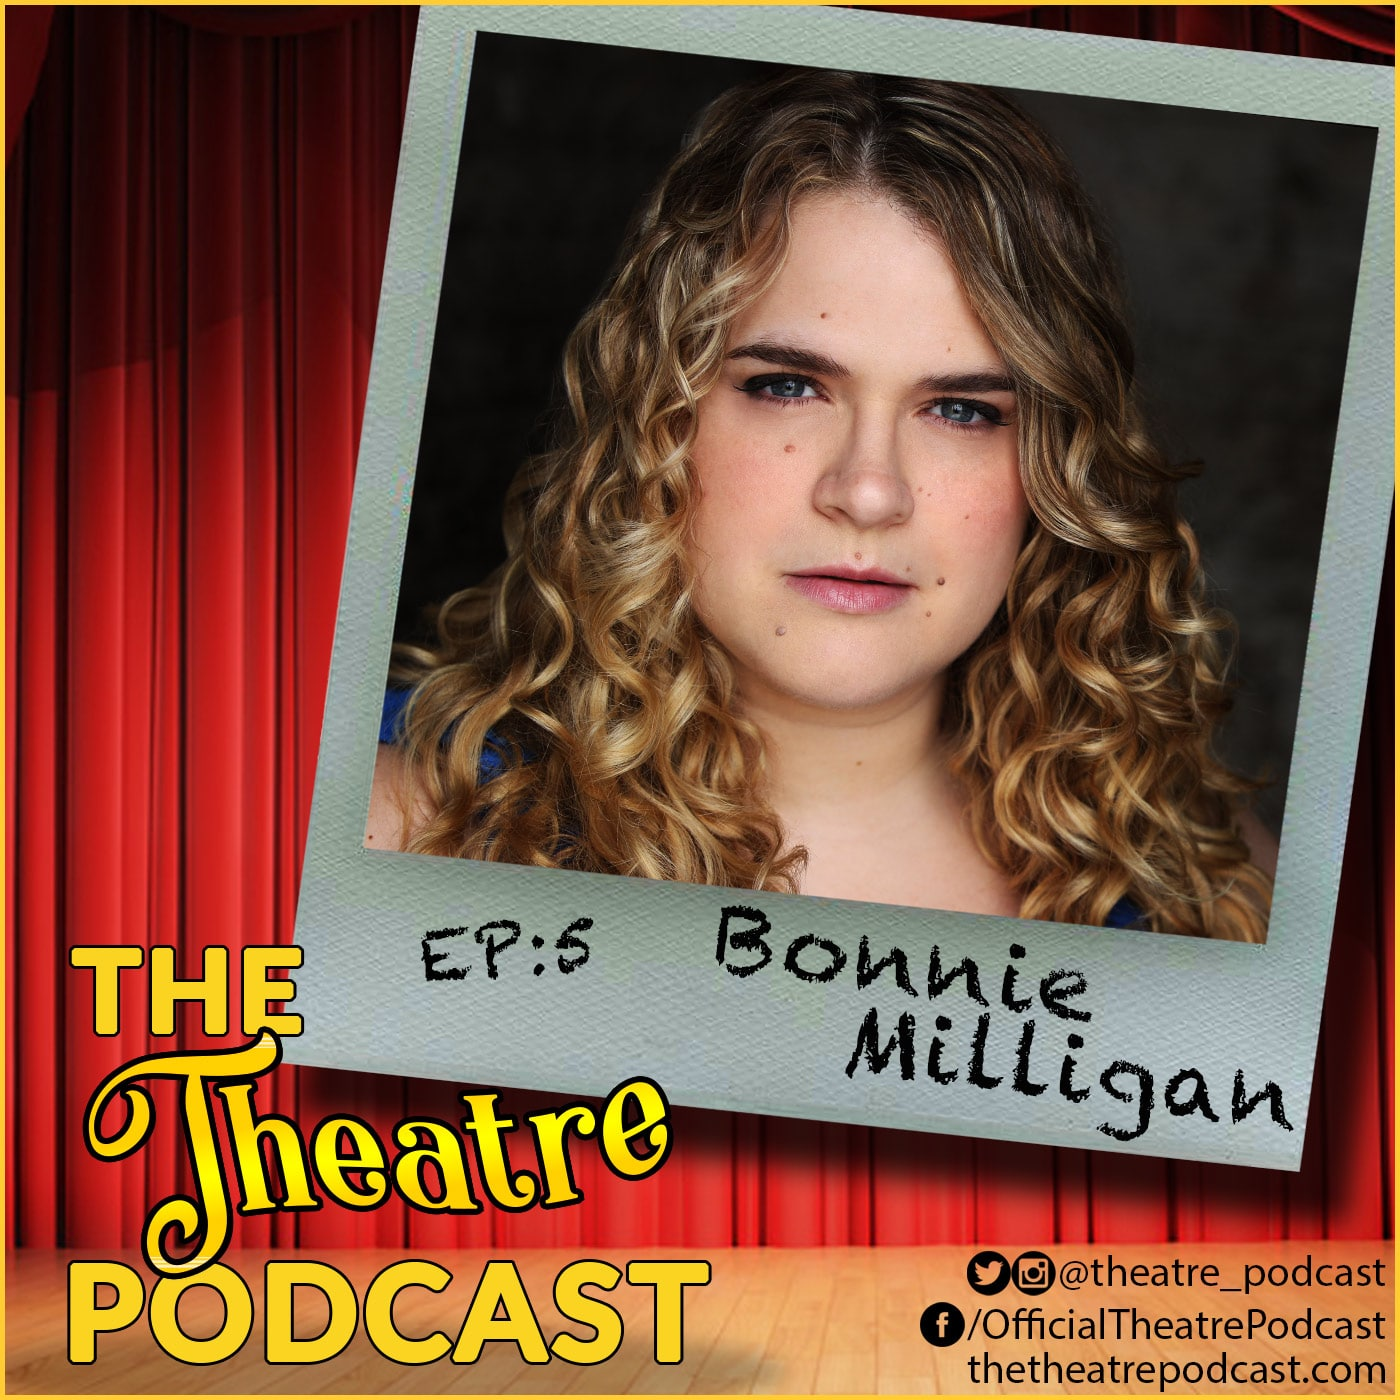 Ep5 - Bonnie Milligan